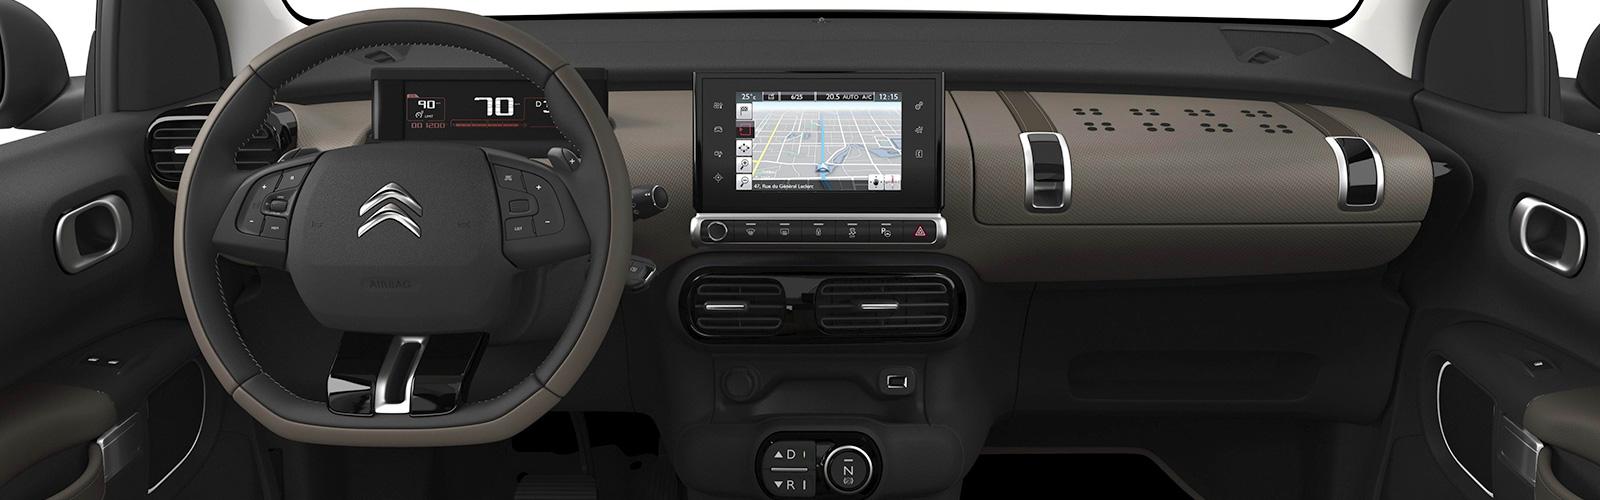 el interior del Citroën C4 Cactus es sobrio y sencillo pero muy espacioso